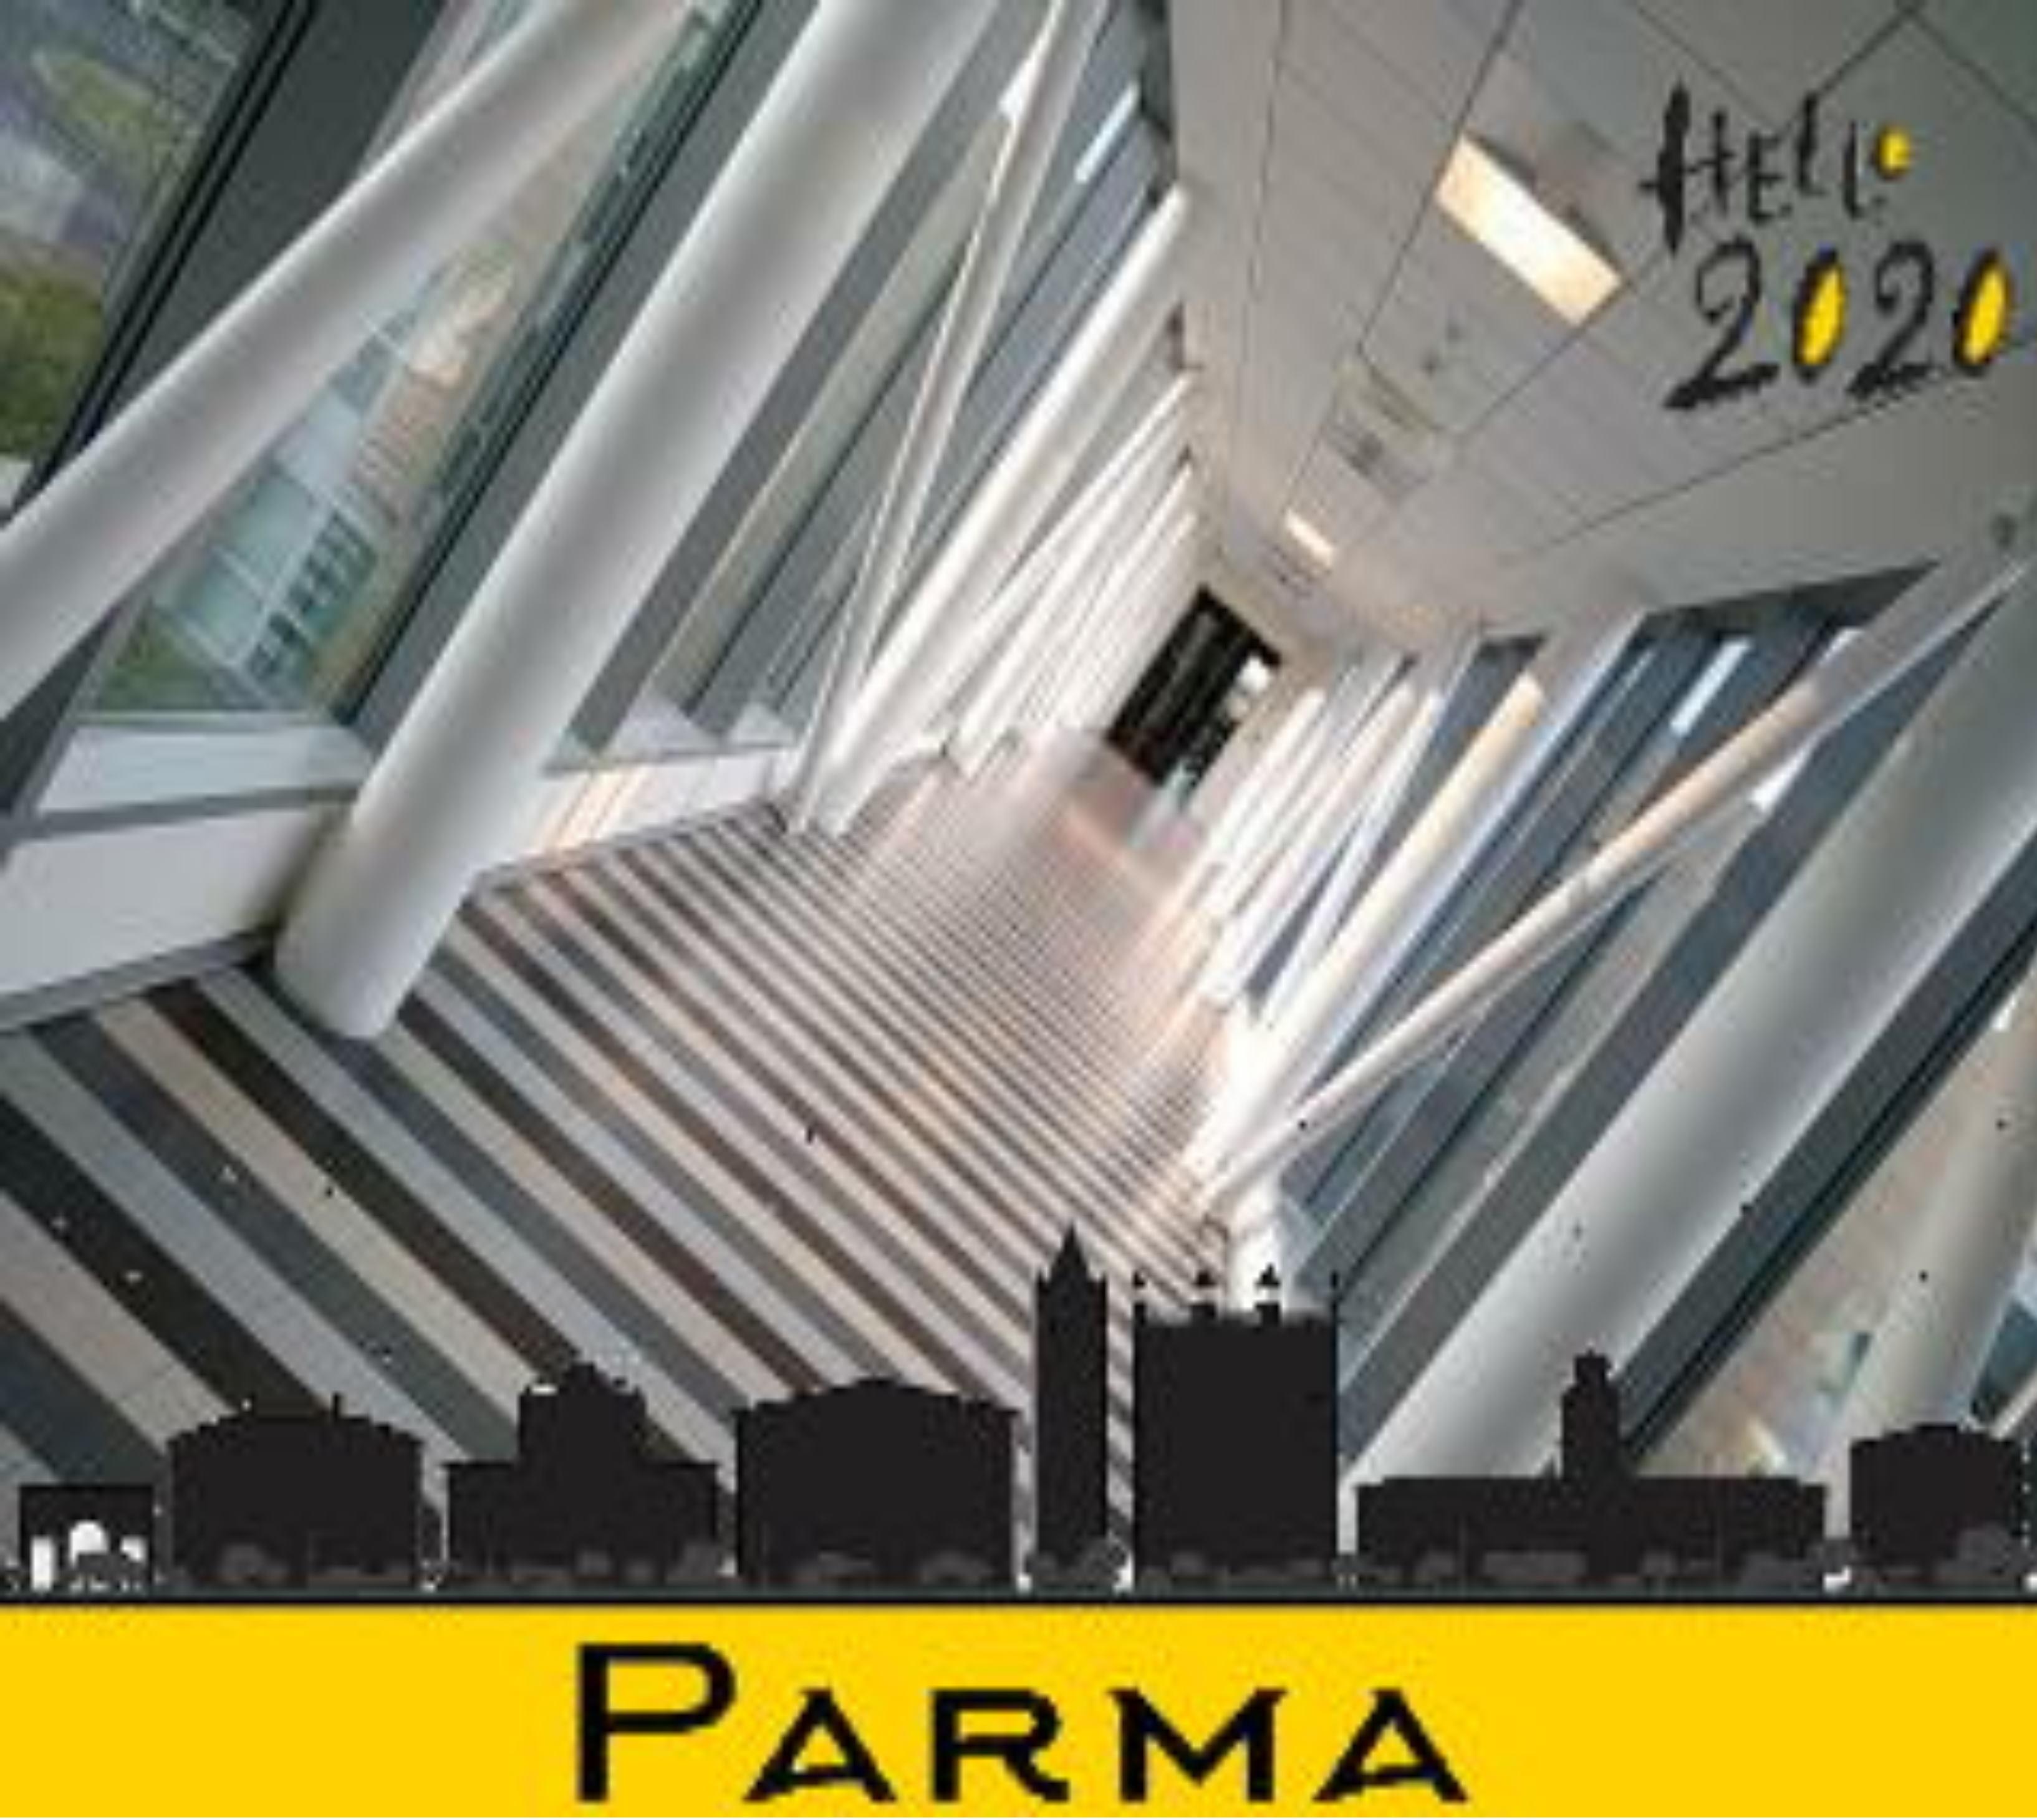 Edizione Parma